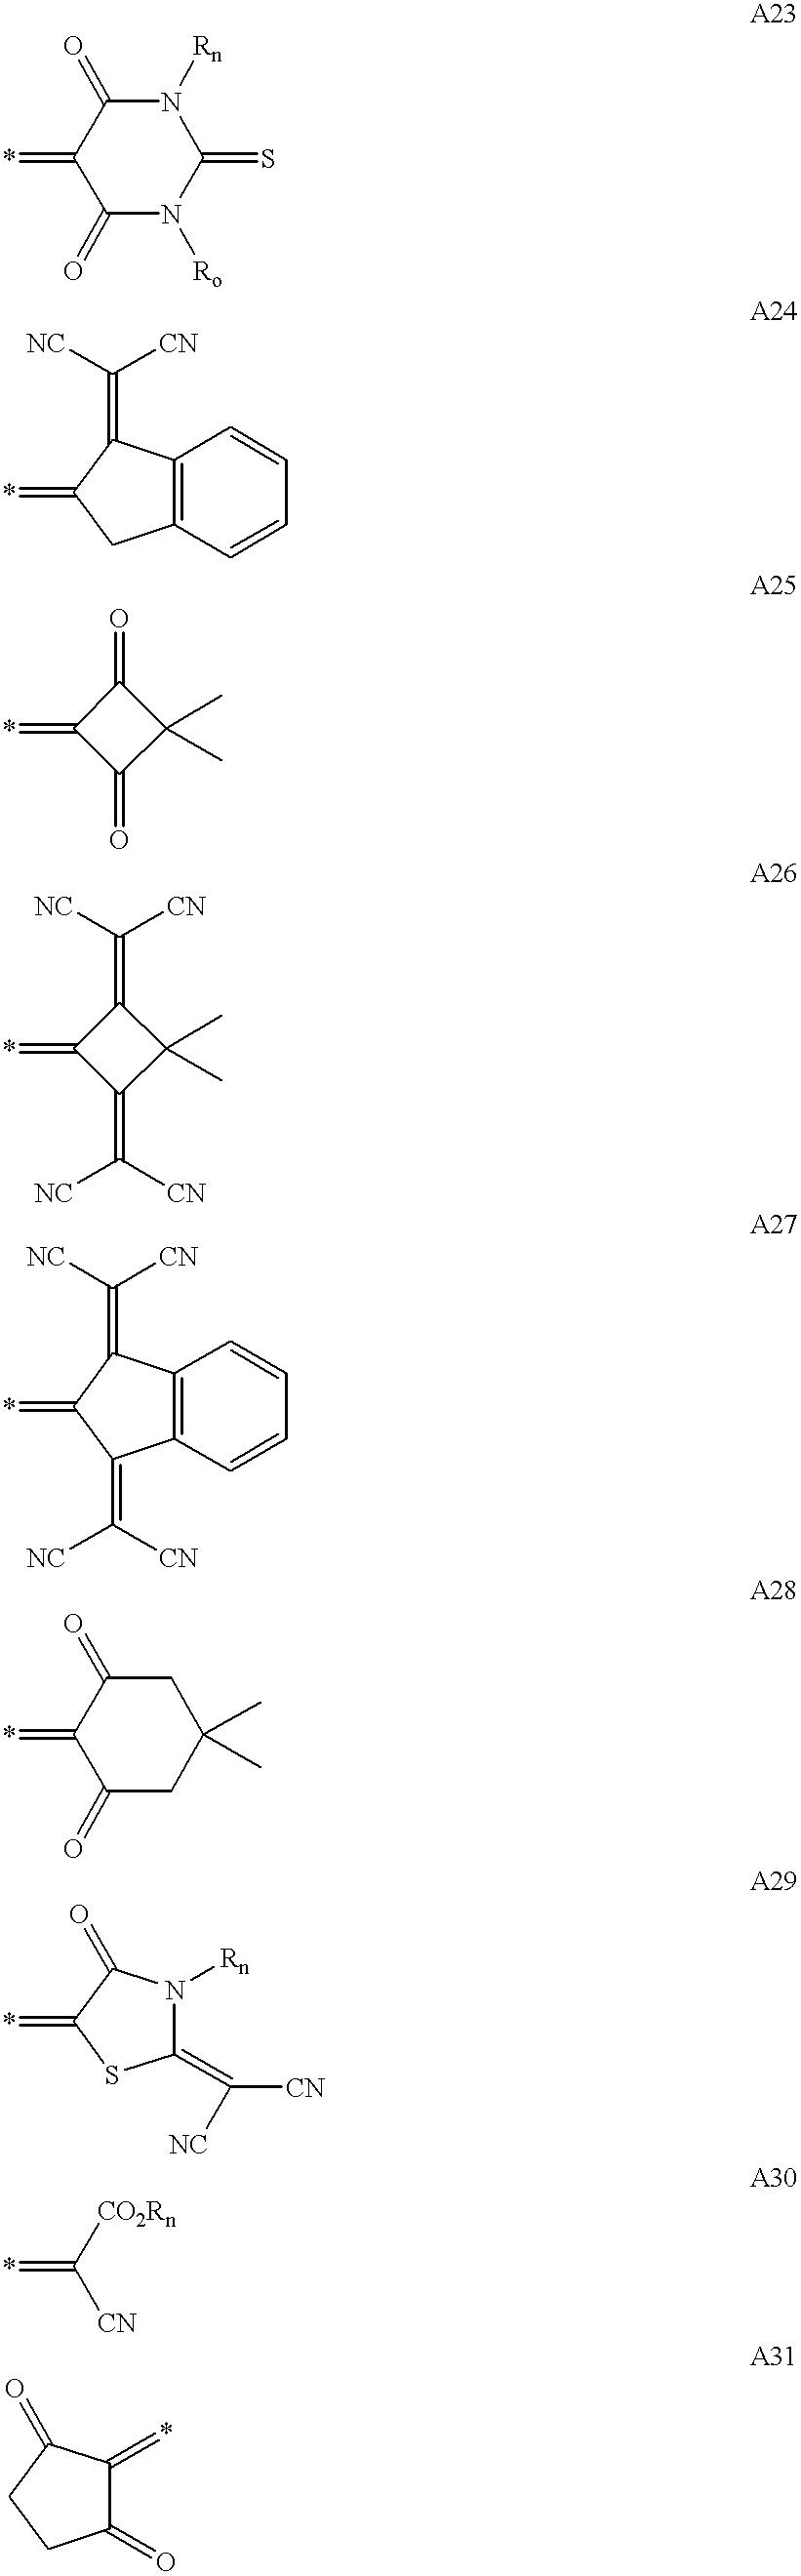 Figure US06267913-20010731-C00009